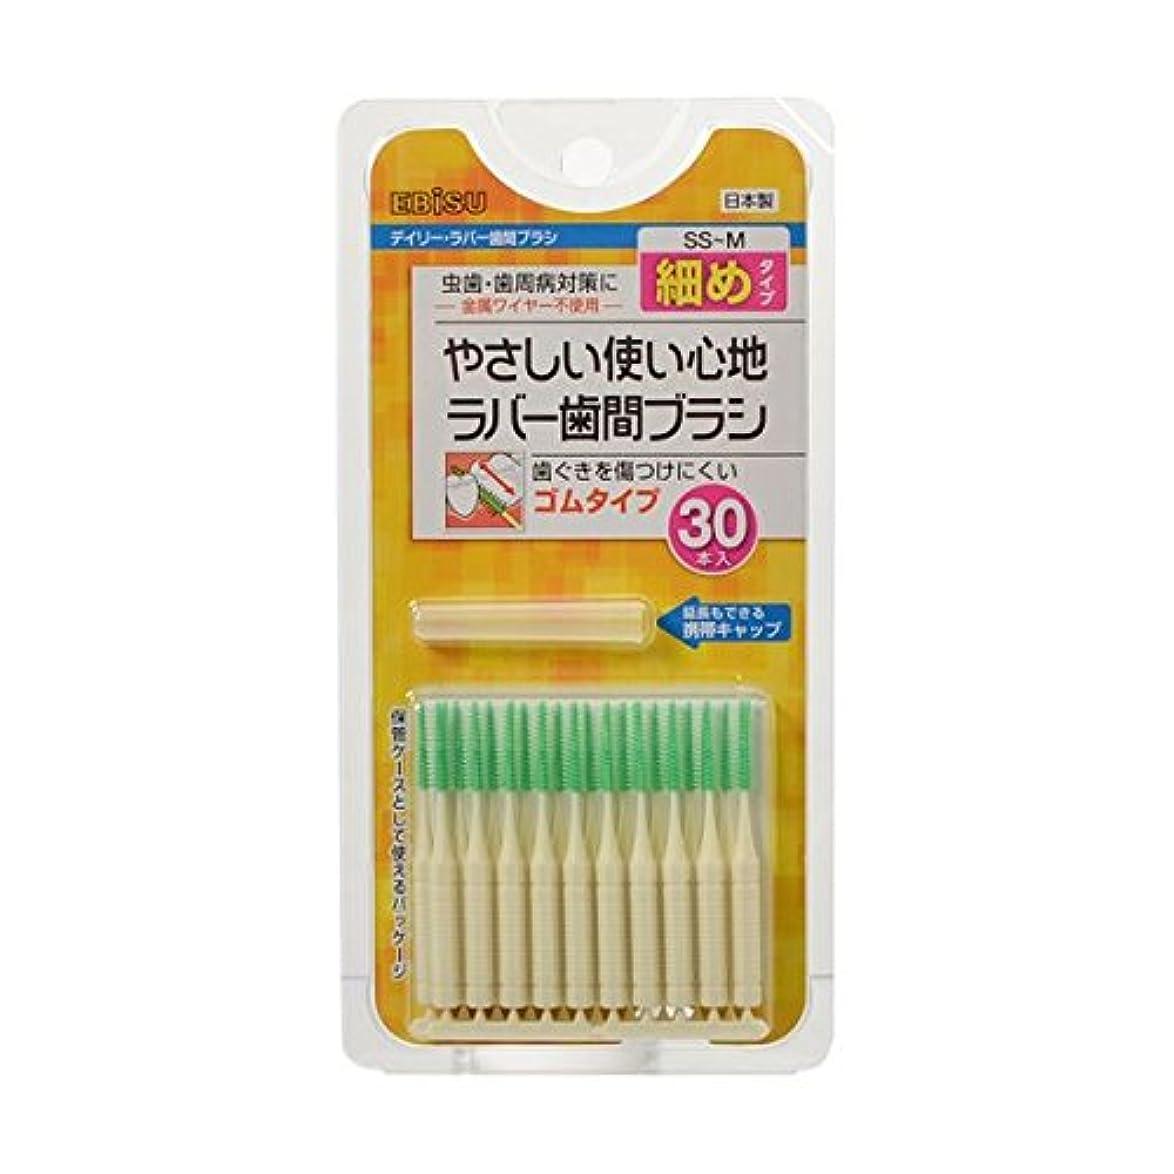 しなやかチェリーディレイ【エビス】デイリーラバー 歯間ブラシ SS~M 30本入 ×3個セット